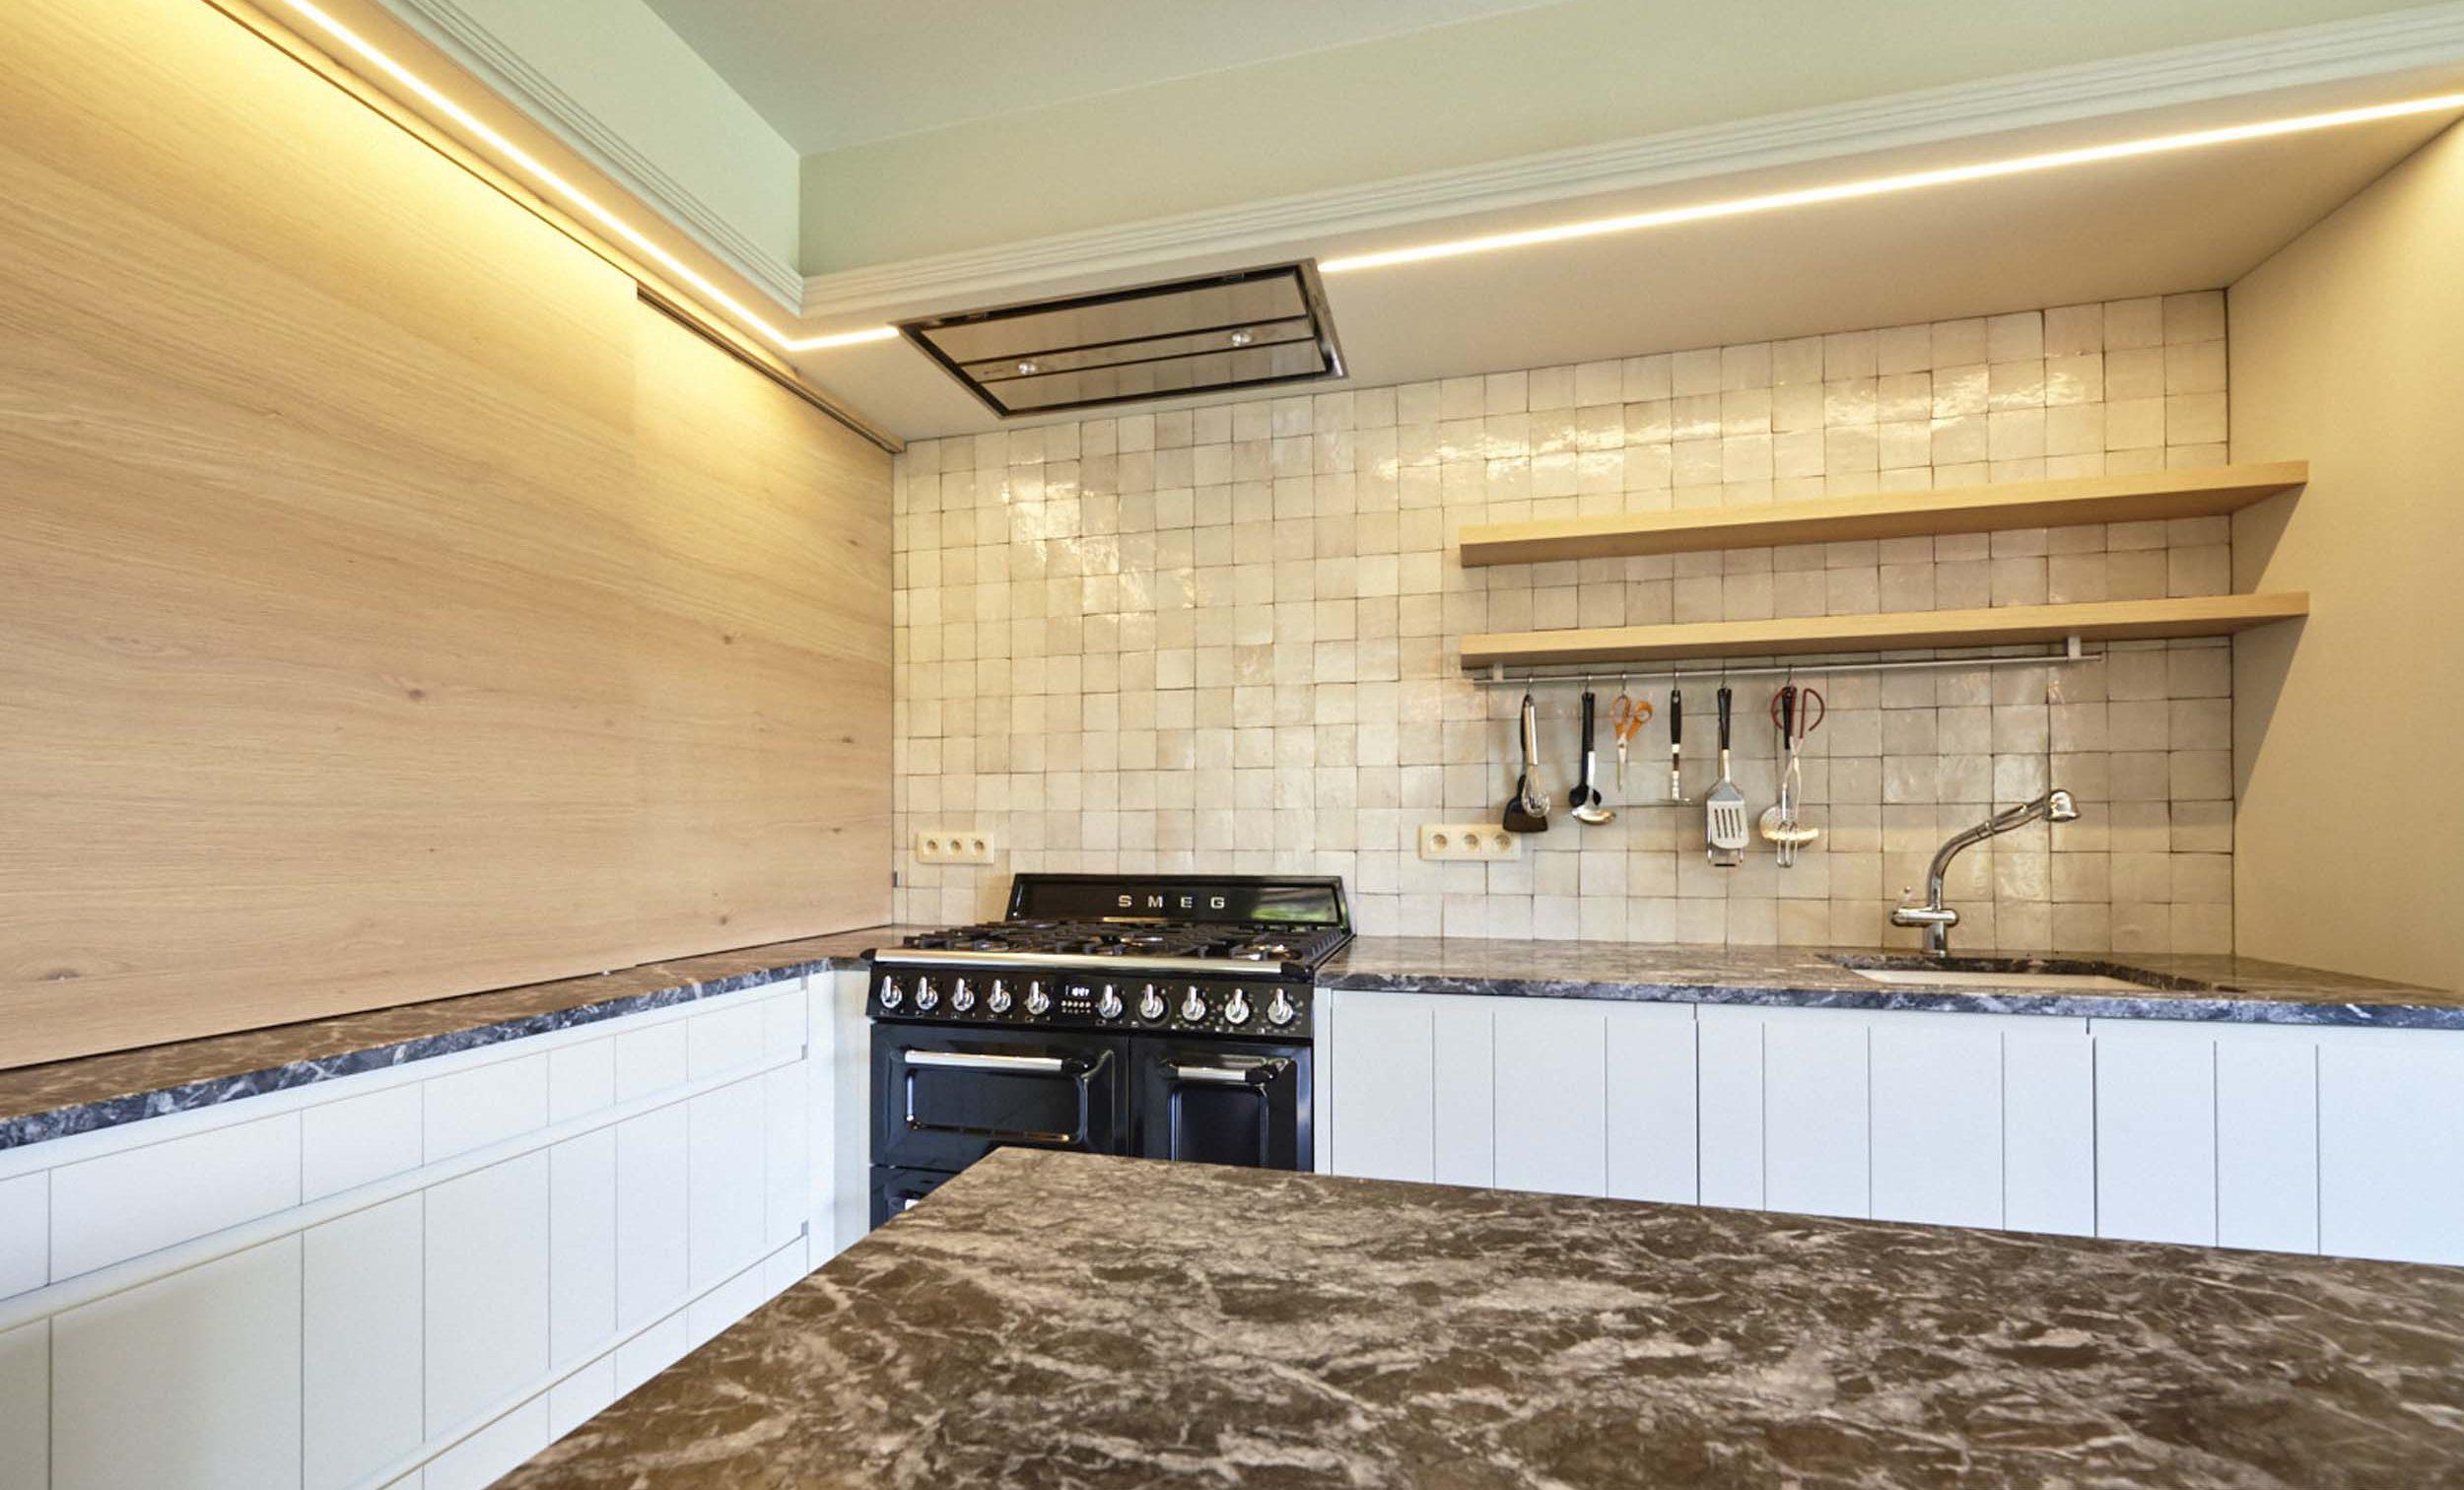 Vanda-projects-interieurinrichting-meubelmakerij-oost-vlaanderen-dumoulin-keukeninrichting